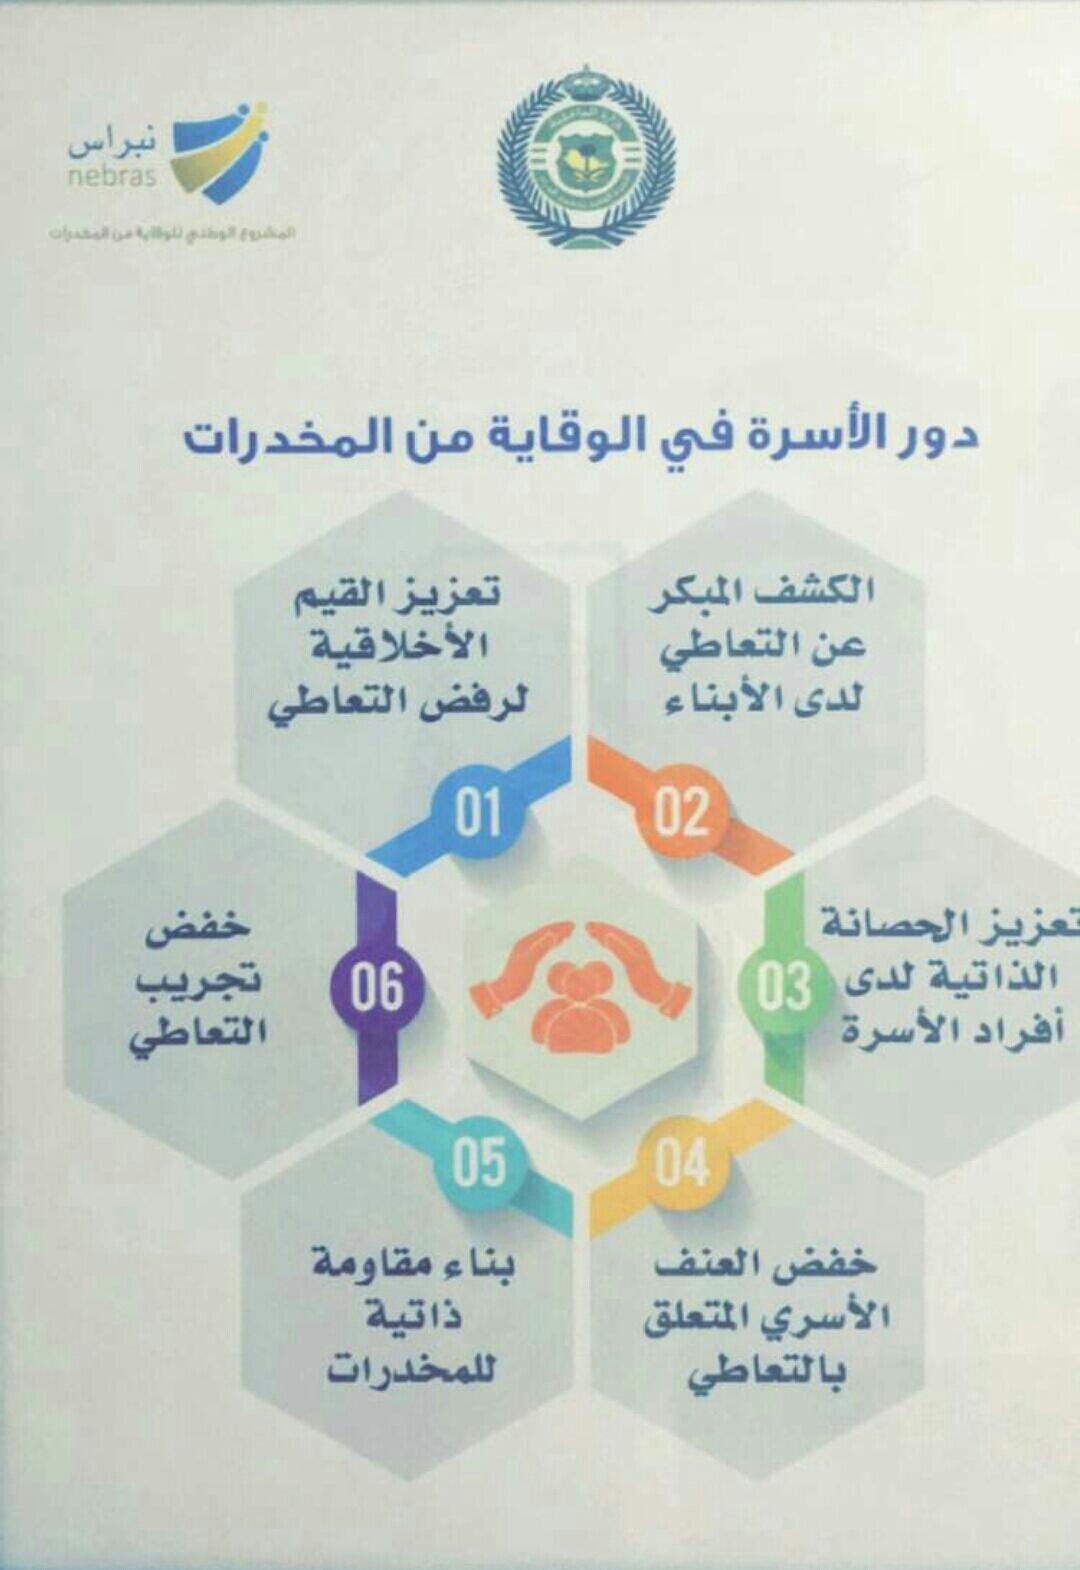 مكافحة المخدرات تكرم فايز المالكي (3)